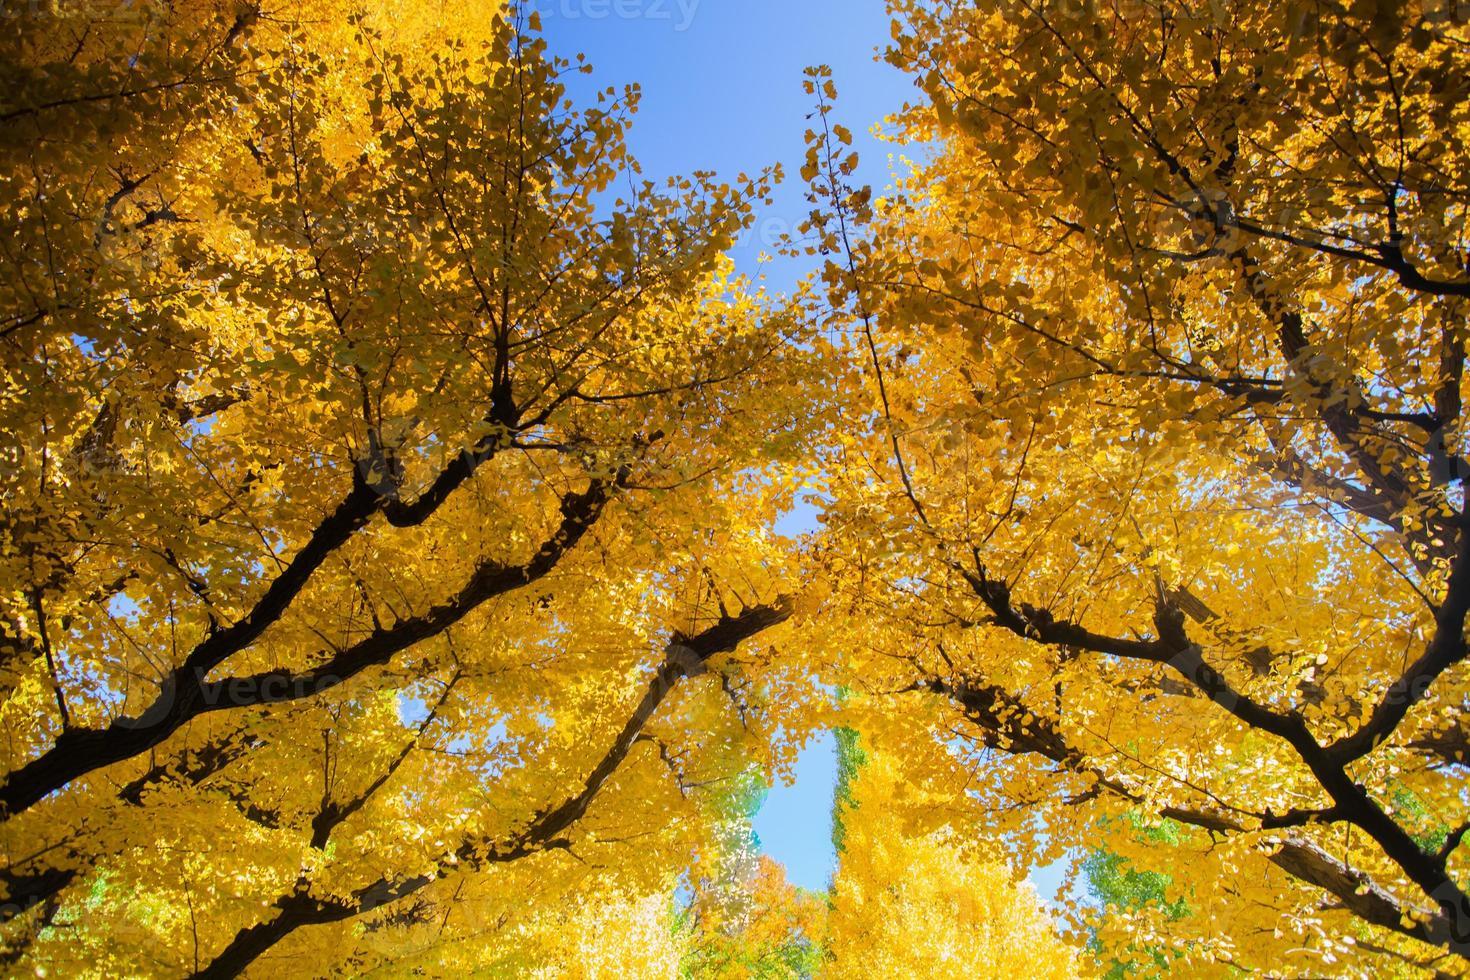 árboles amarillos contra un cielo azul foto